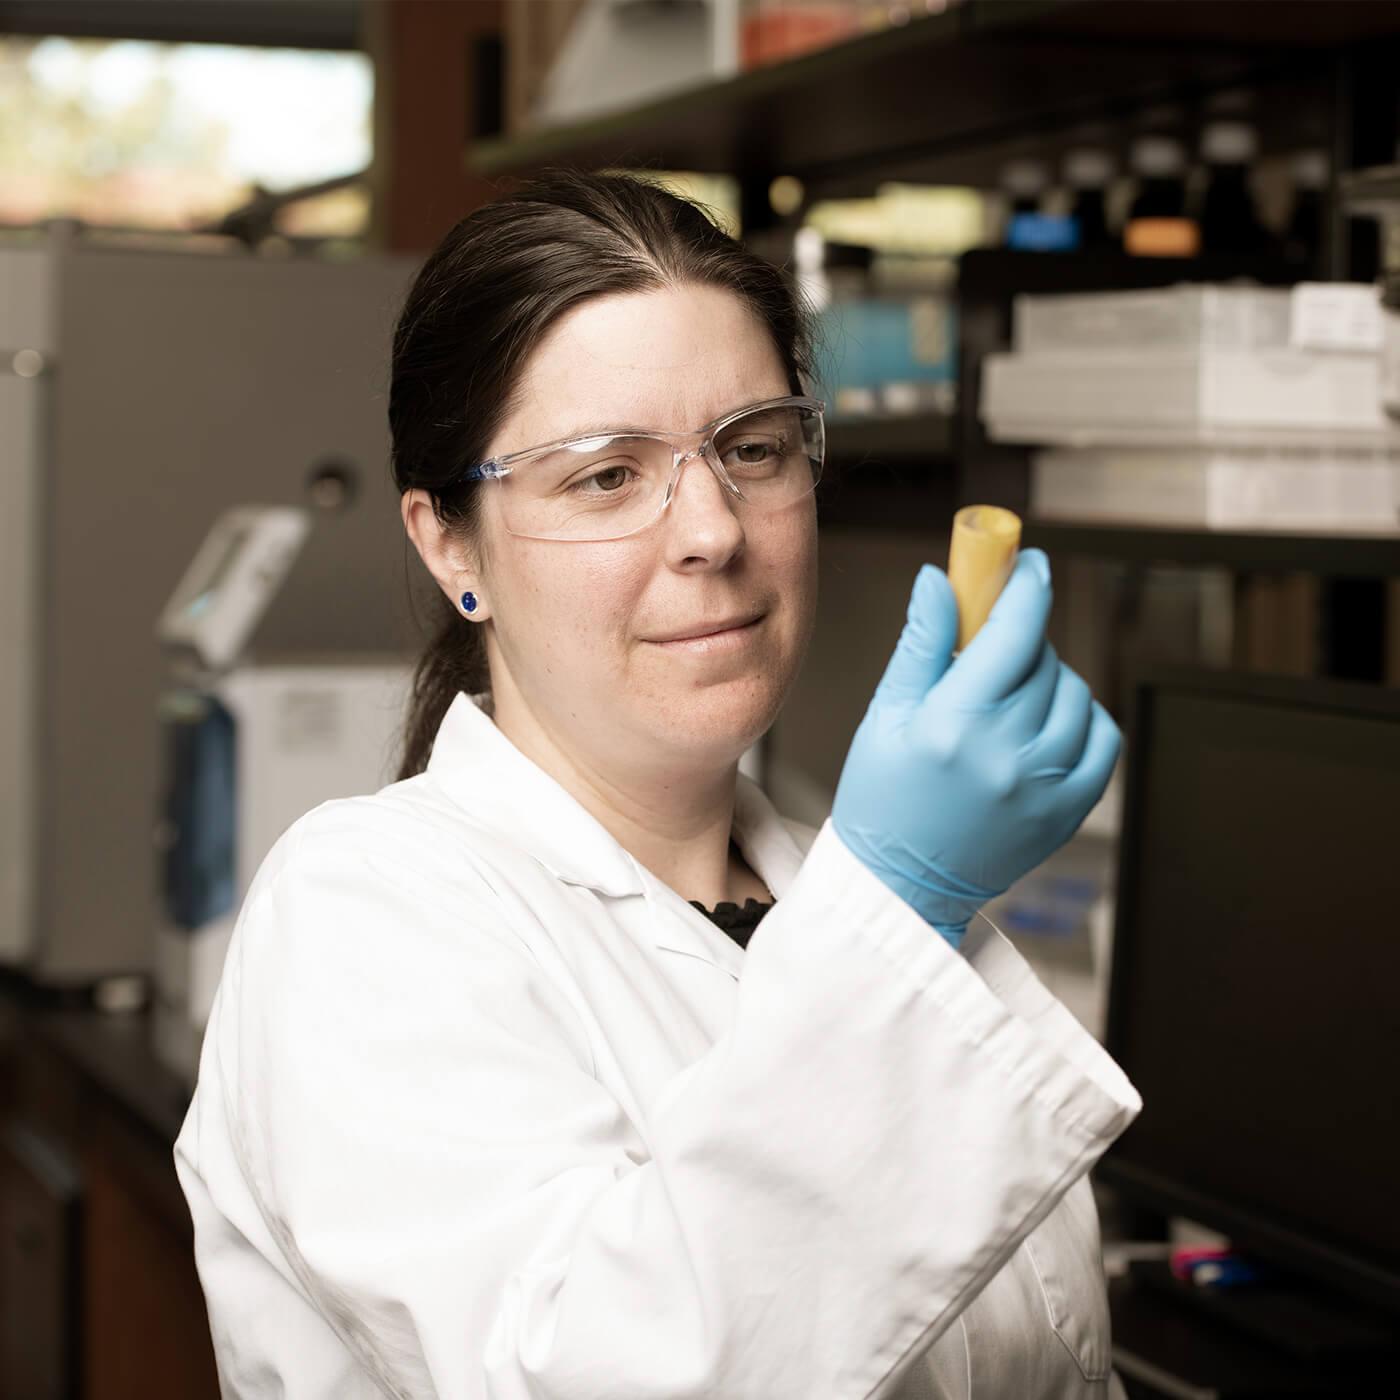 A Noblegen scientist at work